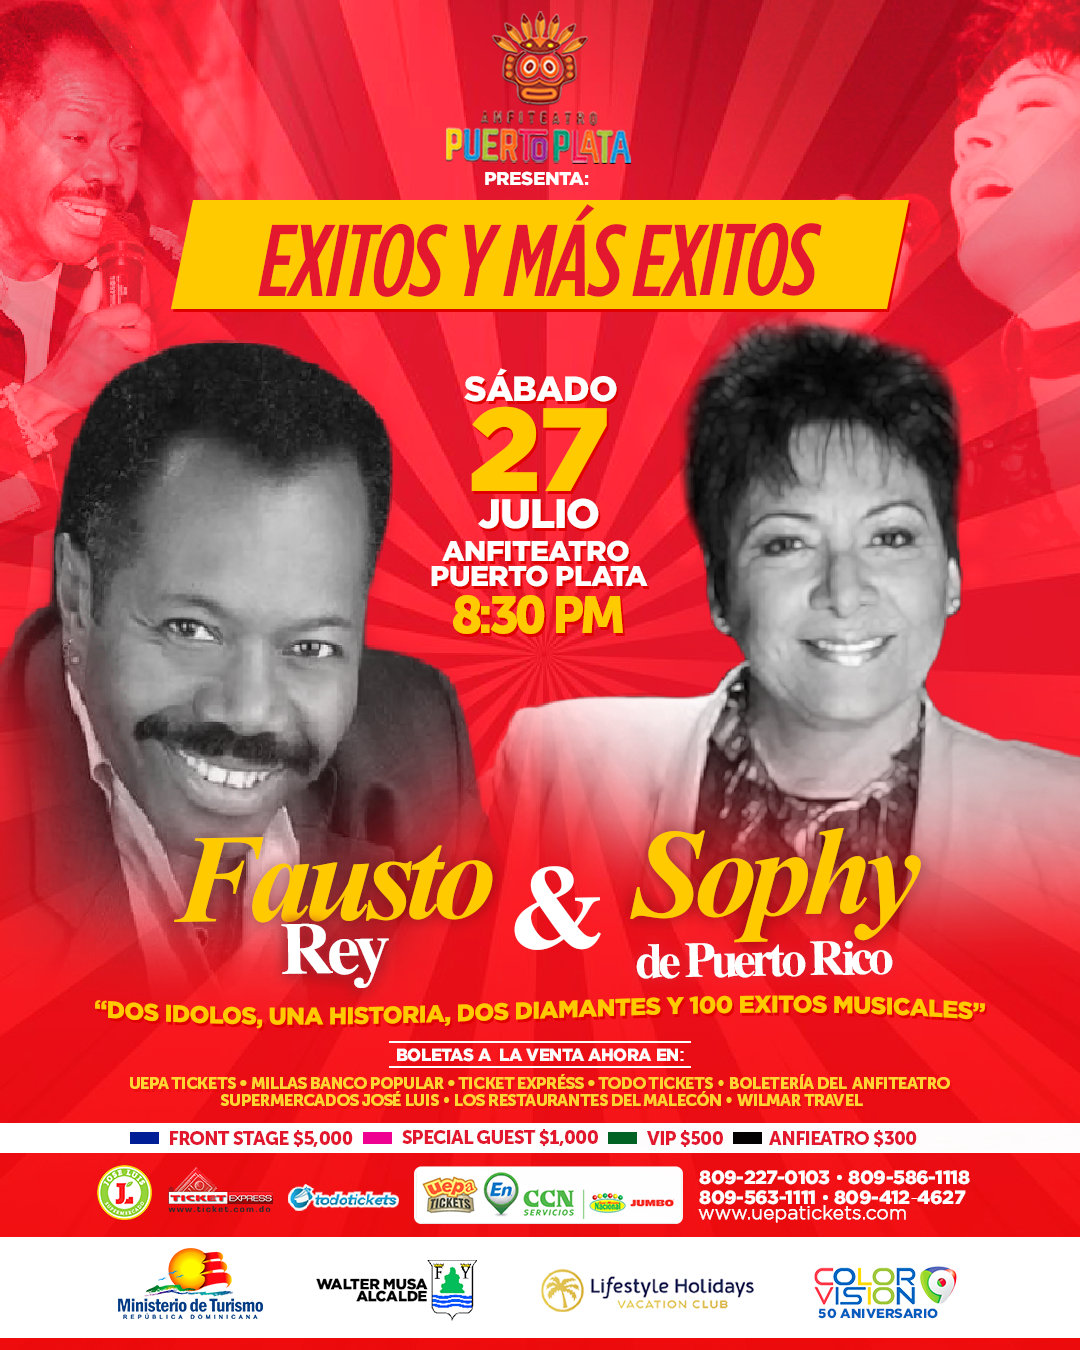 """Sophy y Fausto Rey """"Éxitos y Más Éxitos"""" en el anfiteatro Puerto Plata"""